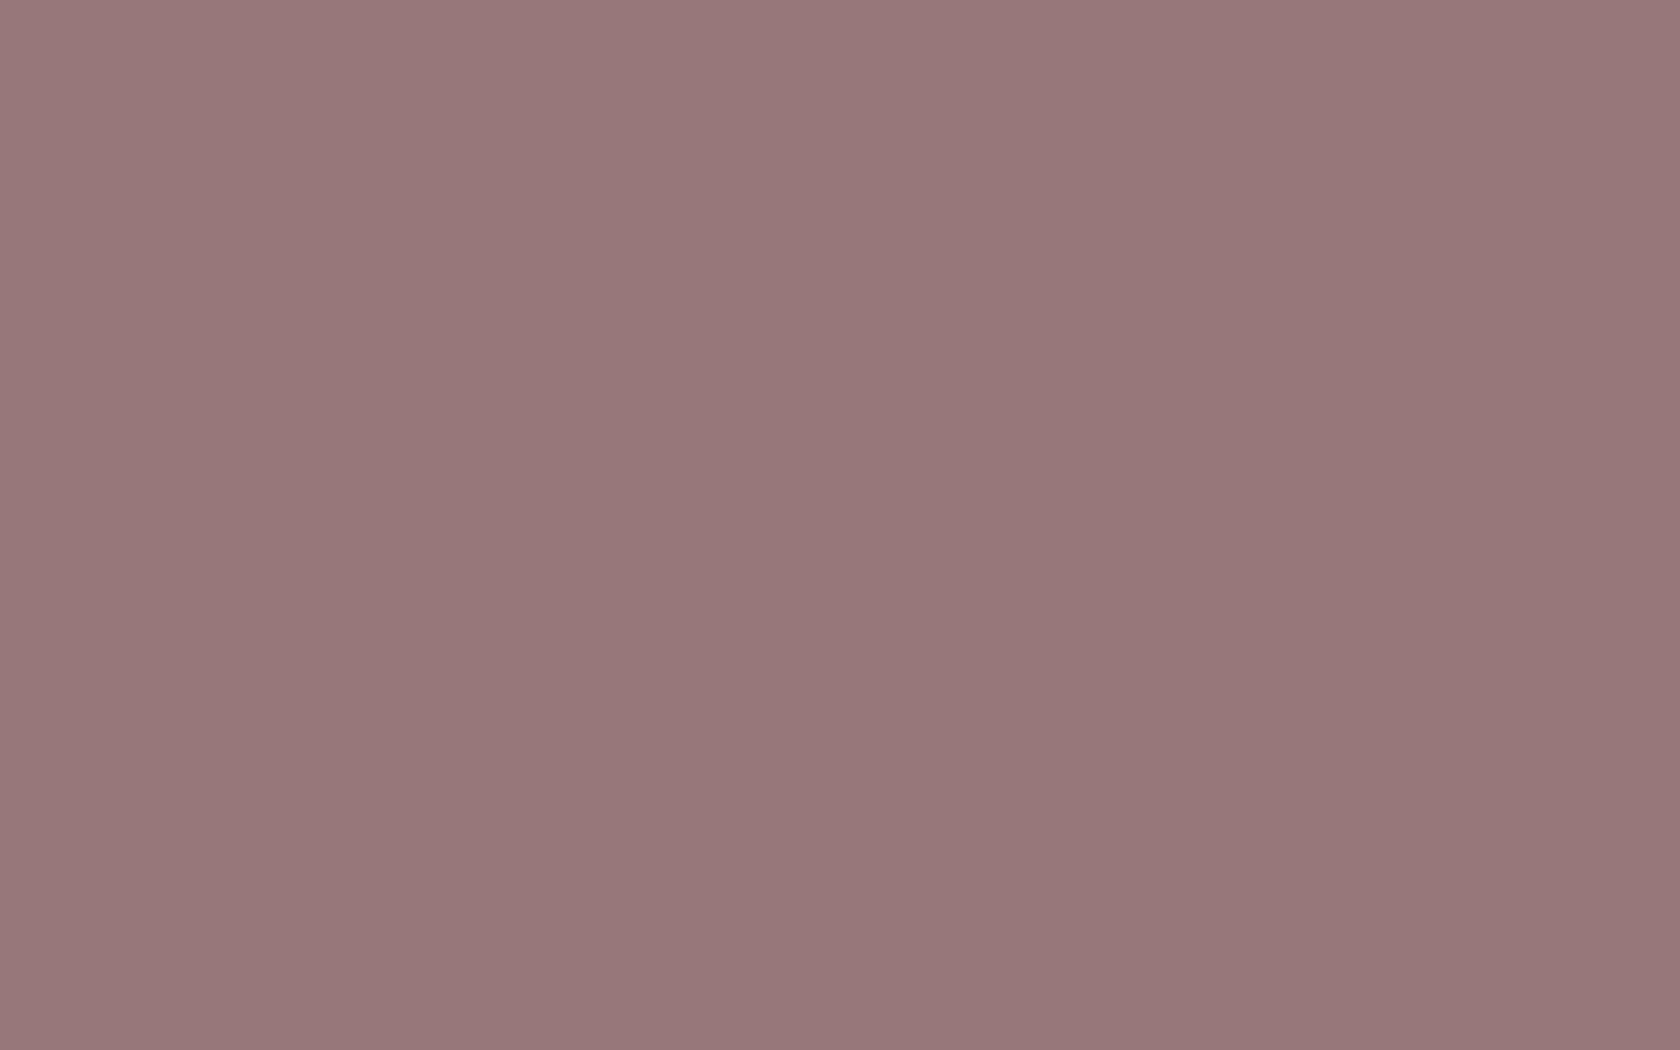 1680x1050 Bazaar Solid Color Background